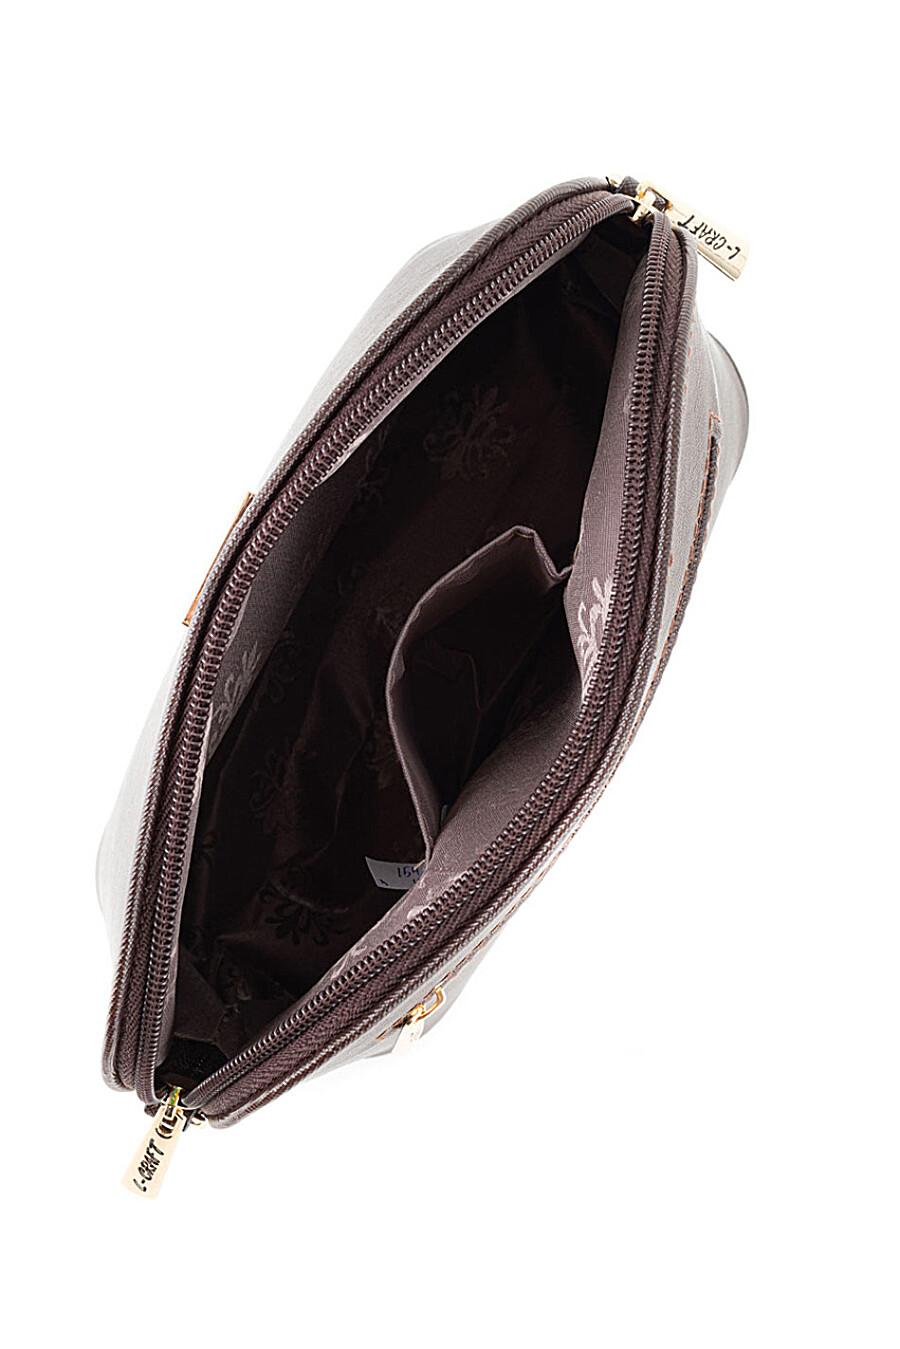 Сумка для женщин L-CRAFT 260401 купить оптом от производителя. Совместная покупка женской одежды в OptMoyo